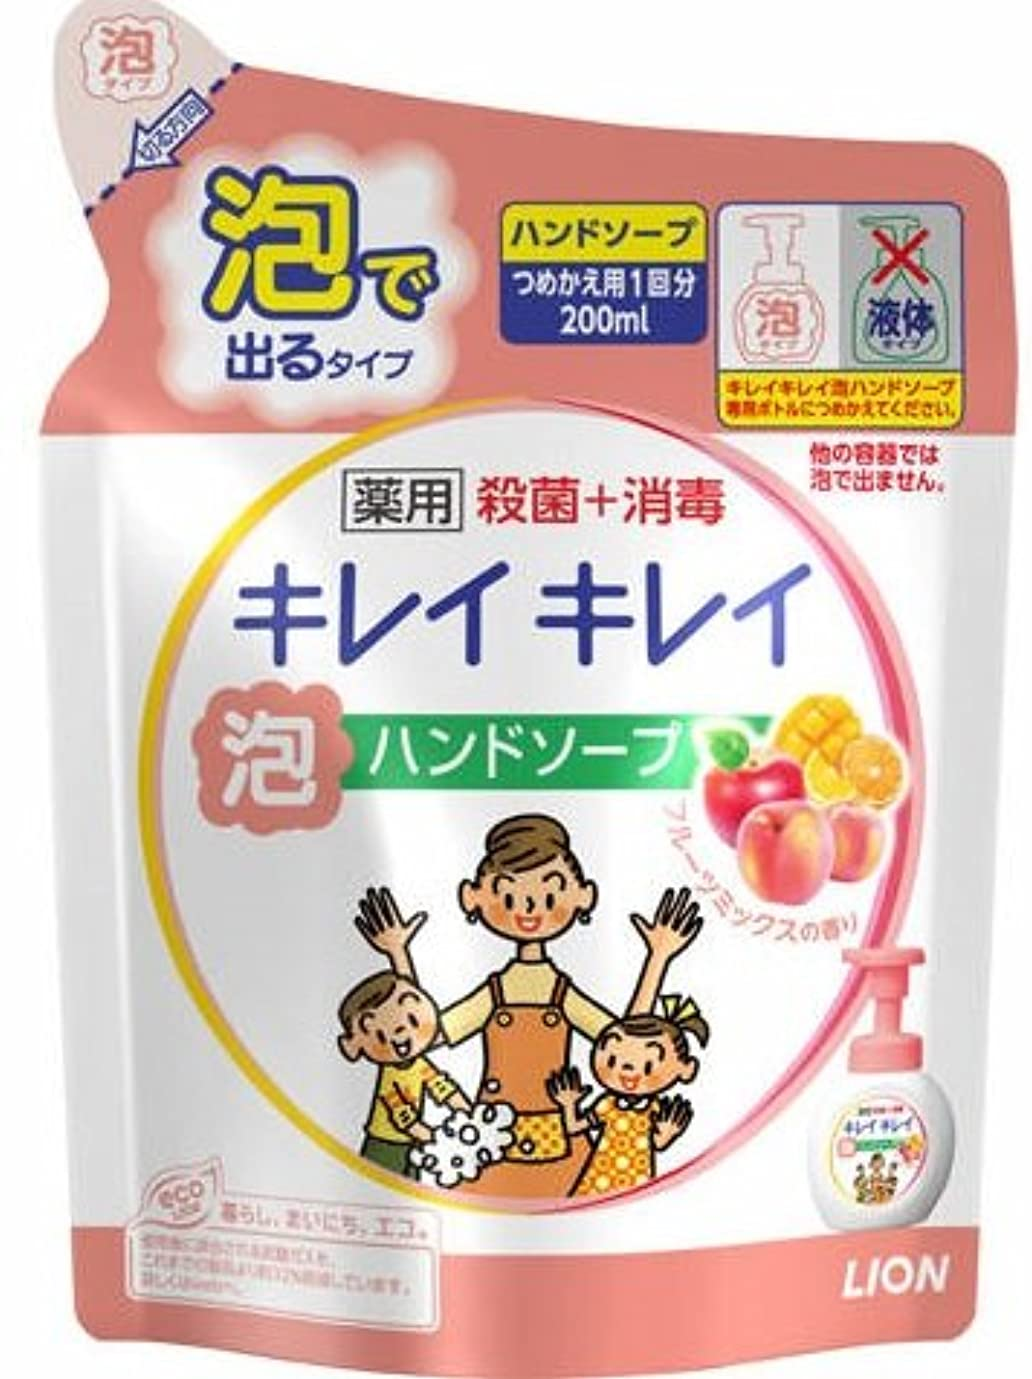 インテリアインシデント旅行代理店キレイキレイ 薬用泡ハンドソープ フルーツミックスの香り つめかえ用 通常サイズ 200ml ×10個セット